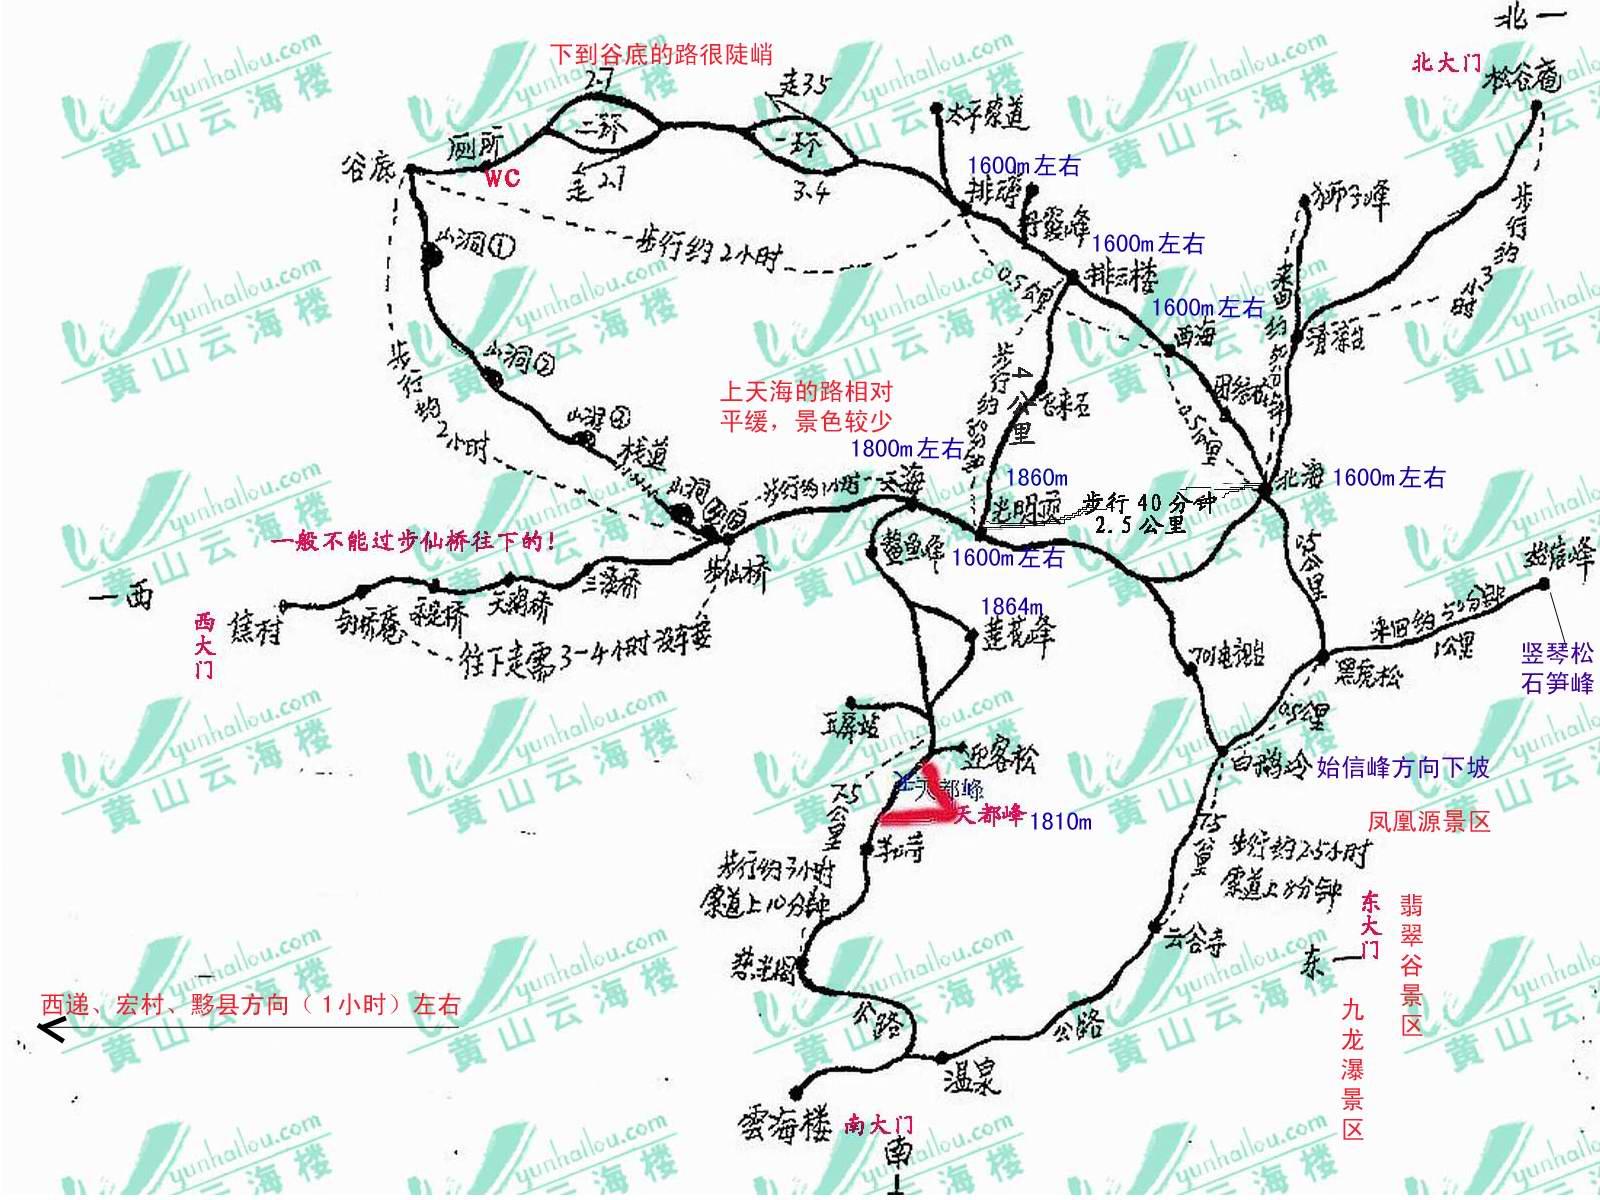 黄山风景区地图电子版